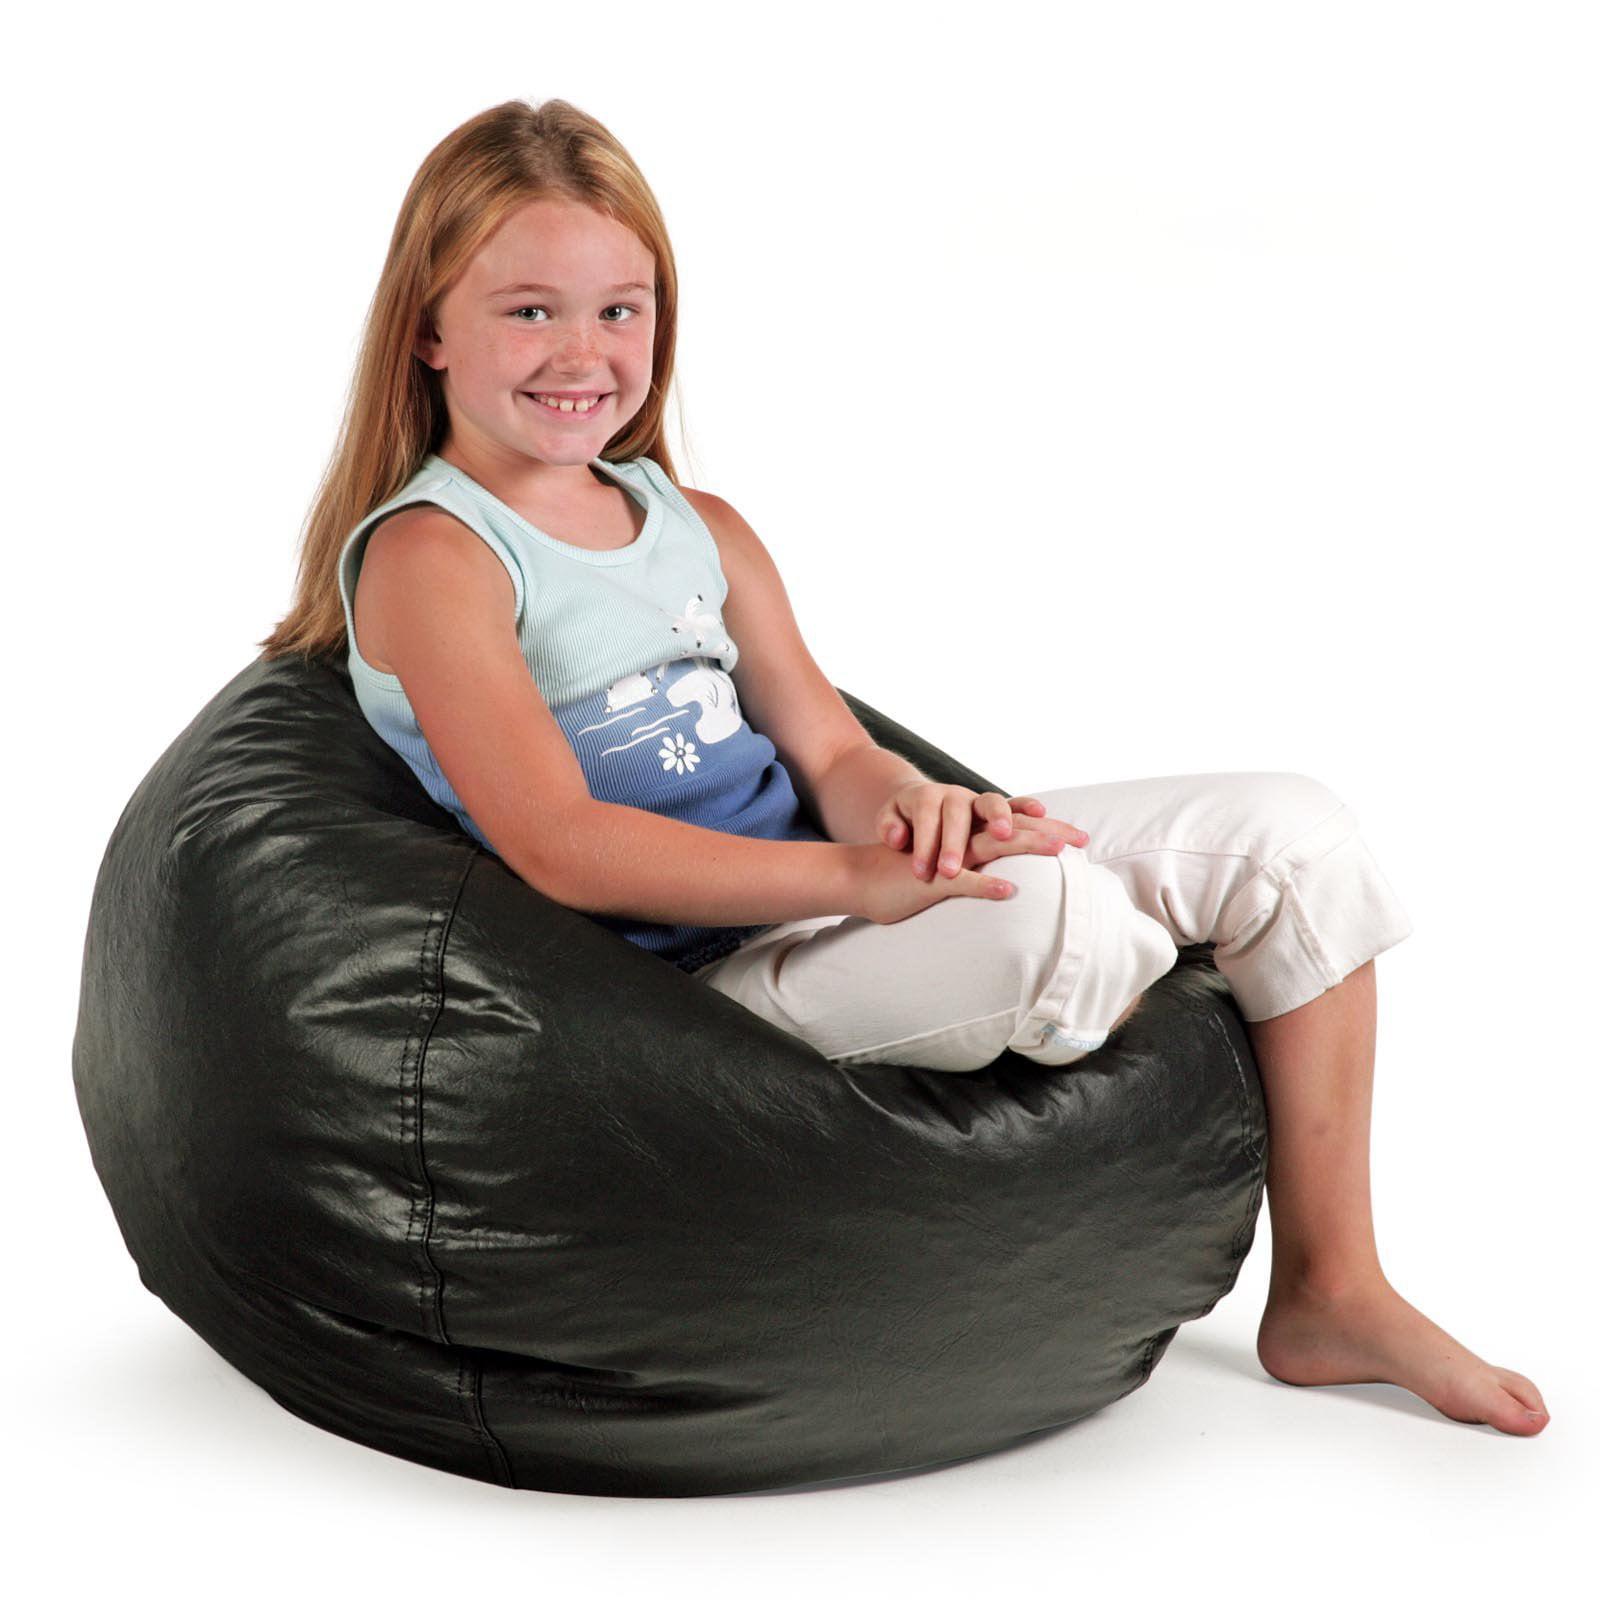 Small Standard Vinyl Bean Bag Chair   Walmart.com